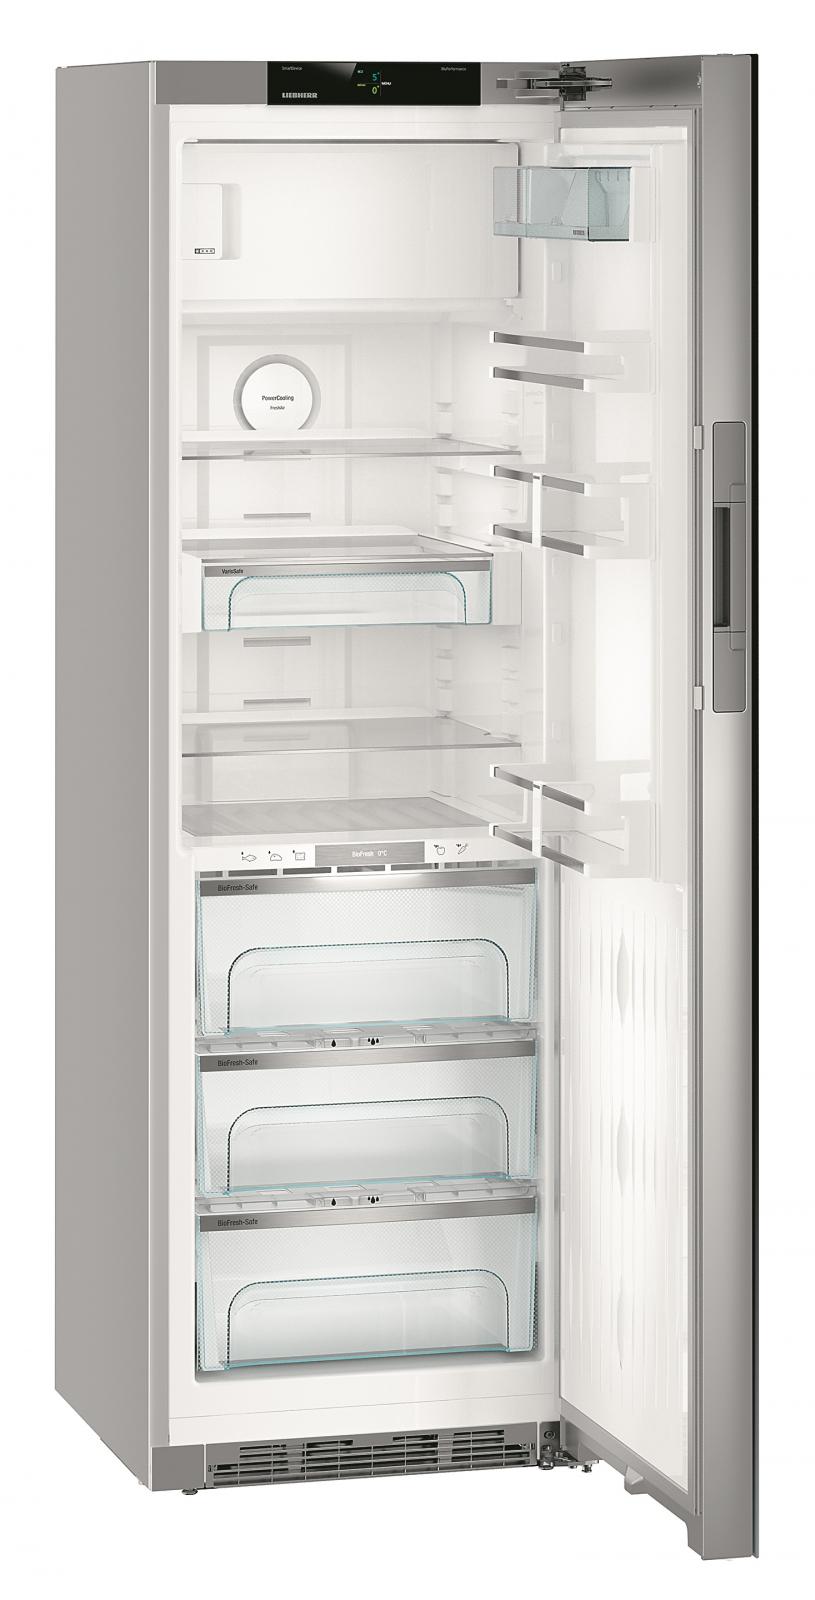 купить Однокамерный холодильник Liebherr KBPgb 4354 Украина фото 4